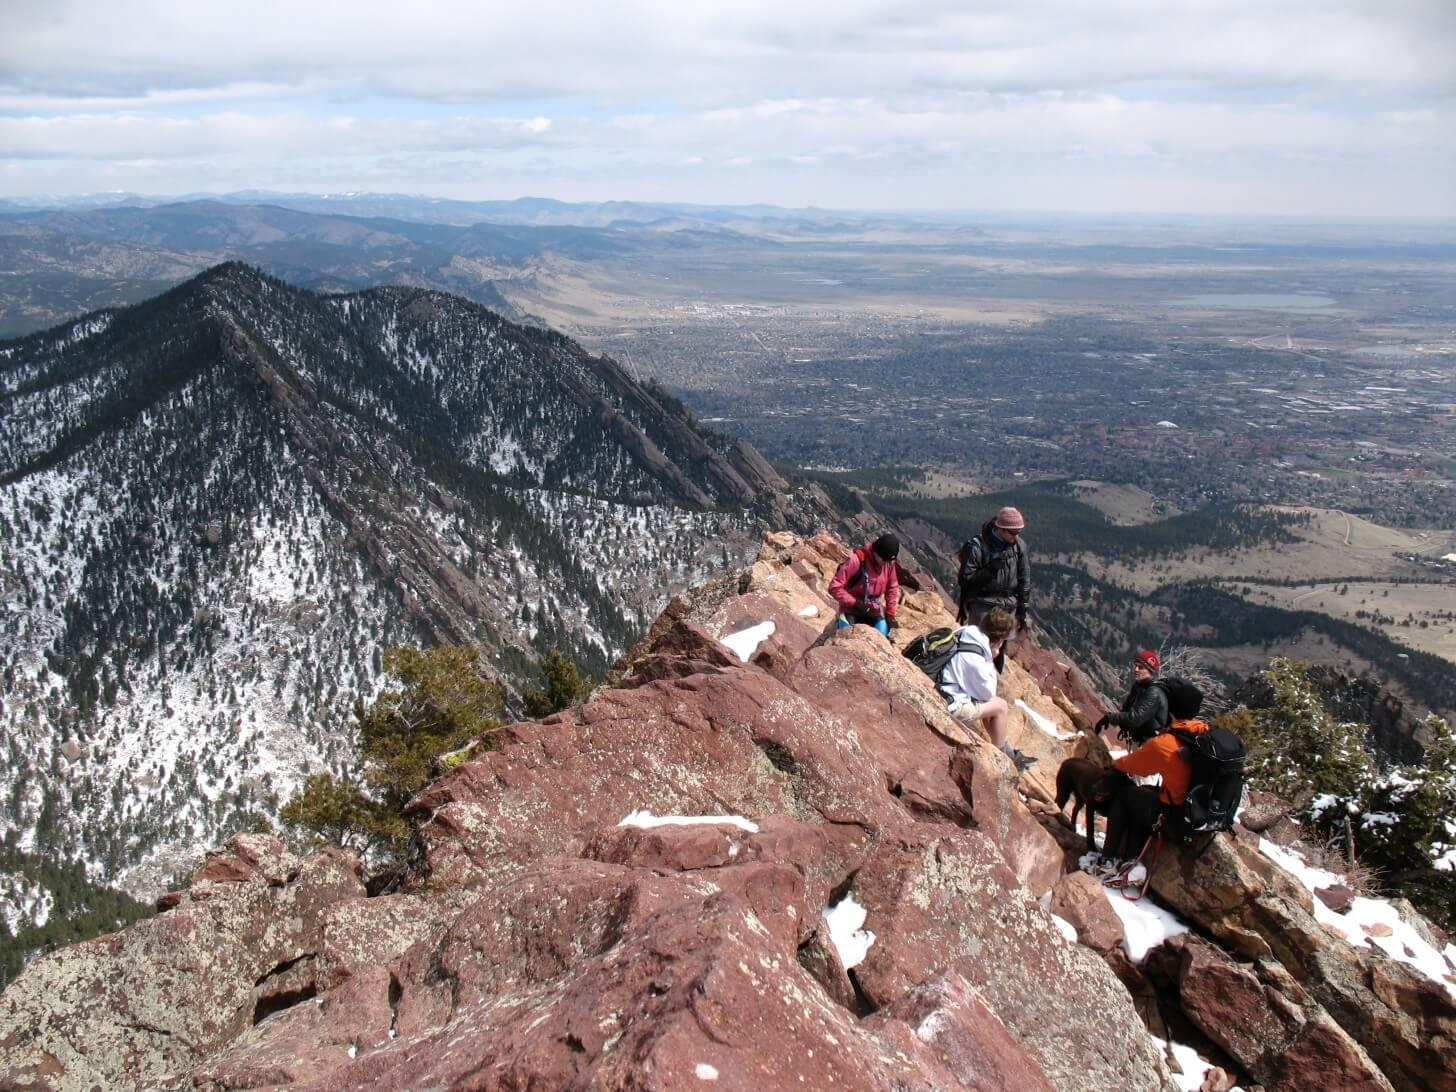 Bear Mountain, Boulder Open Space, Colorado, Faces Interview Paul Magnanti